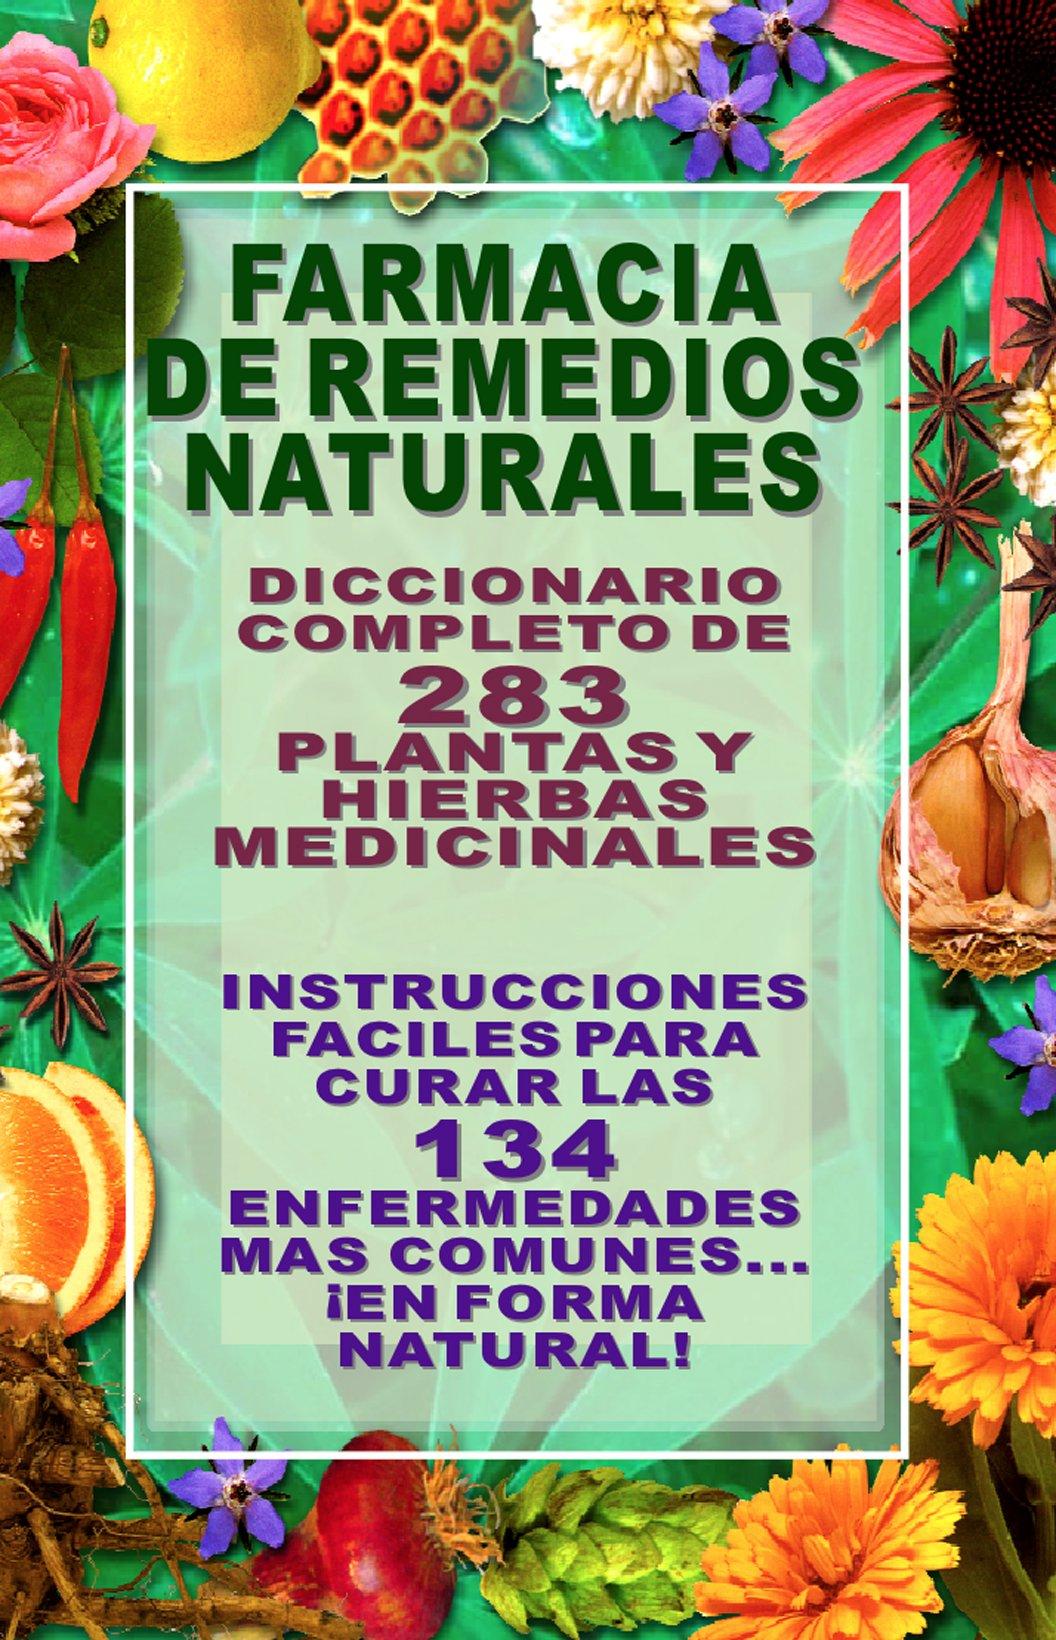 FARMACIA DE REMEDIOS NATURALES   DICCIONARIO COMPLETO DE 283 PLANTAS Y HIERBAS MEDICINALES  ILUSTRADAS   INSTRUCCIONESS FACILES PARA CURAR LA 134ENFERMEDADES ...  COLECCION NATURALIA Nº 6   Spanish Edition